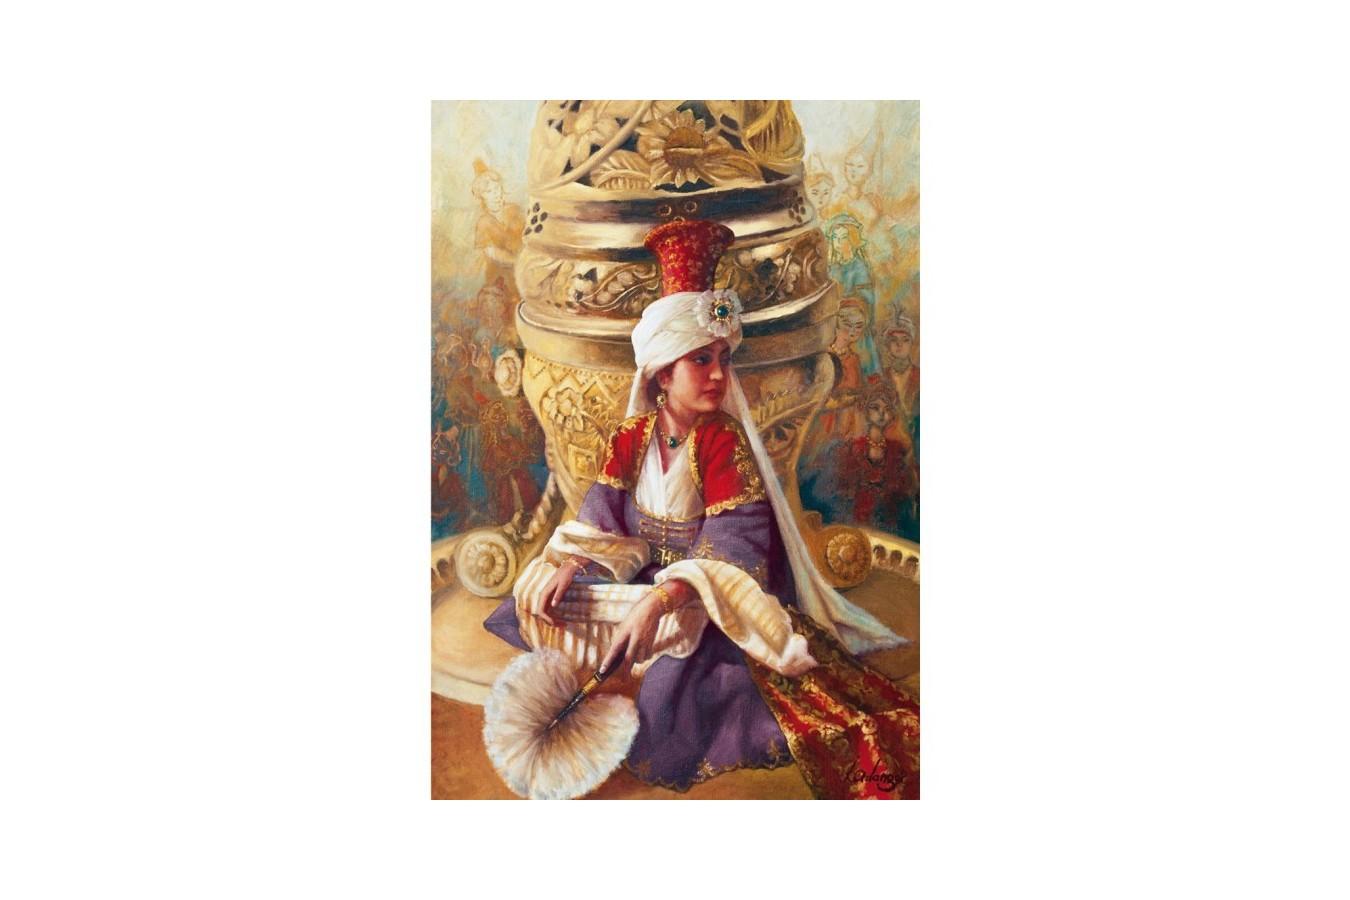 Puzzle Educa - Kamil Aslanger: Sultan Mahi Nigar and Incensory, 1000 piese (14724)